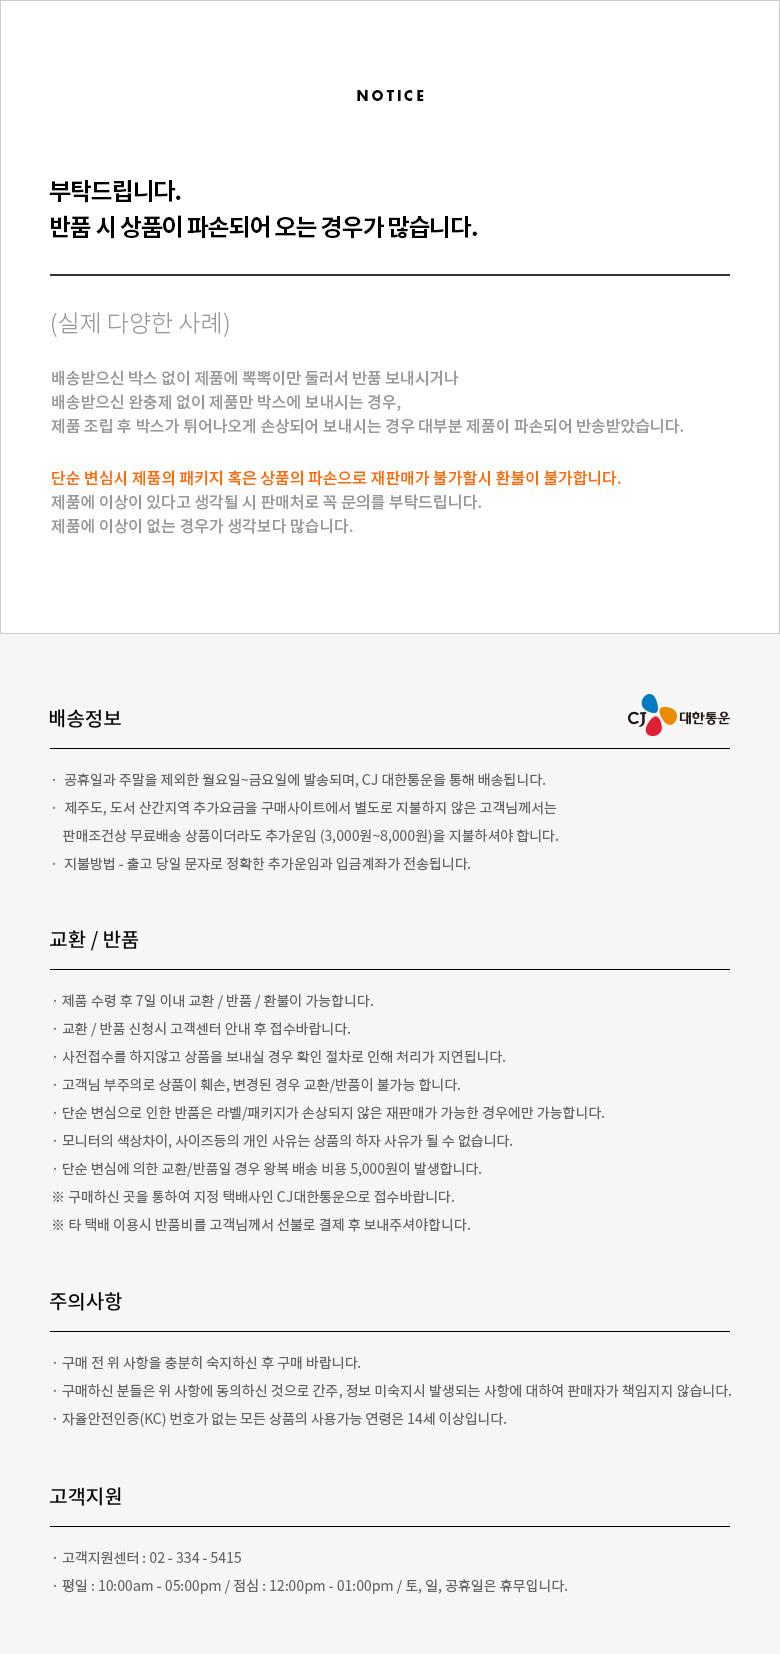 [YS]2칸그리드노트(가로형) - 씨엔지, 3,000원, 스프링노트, 유선노트